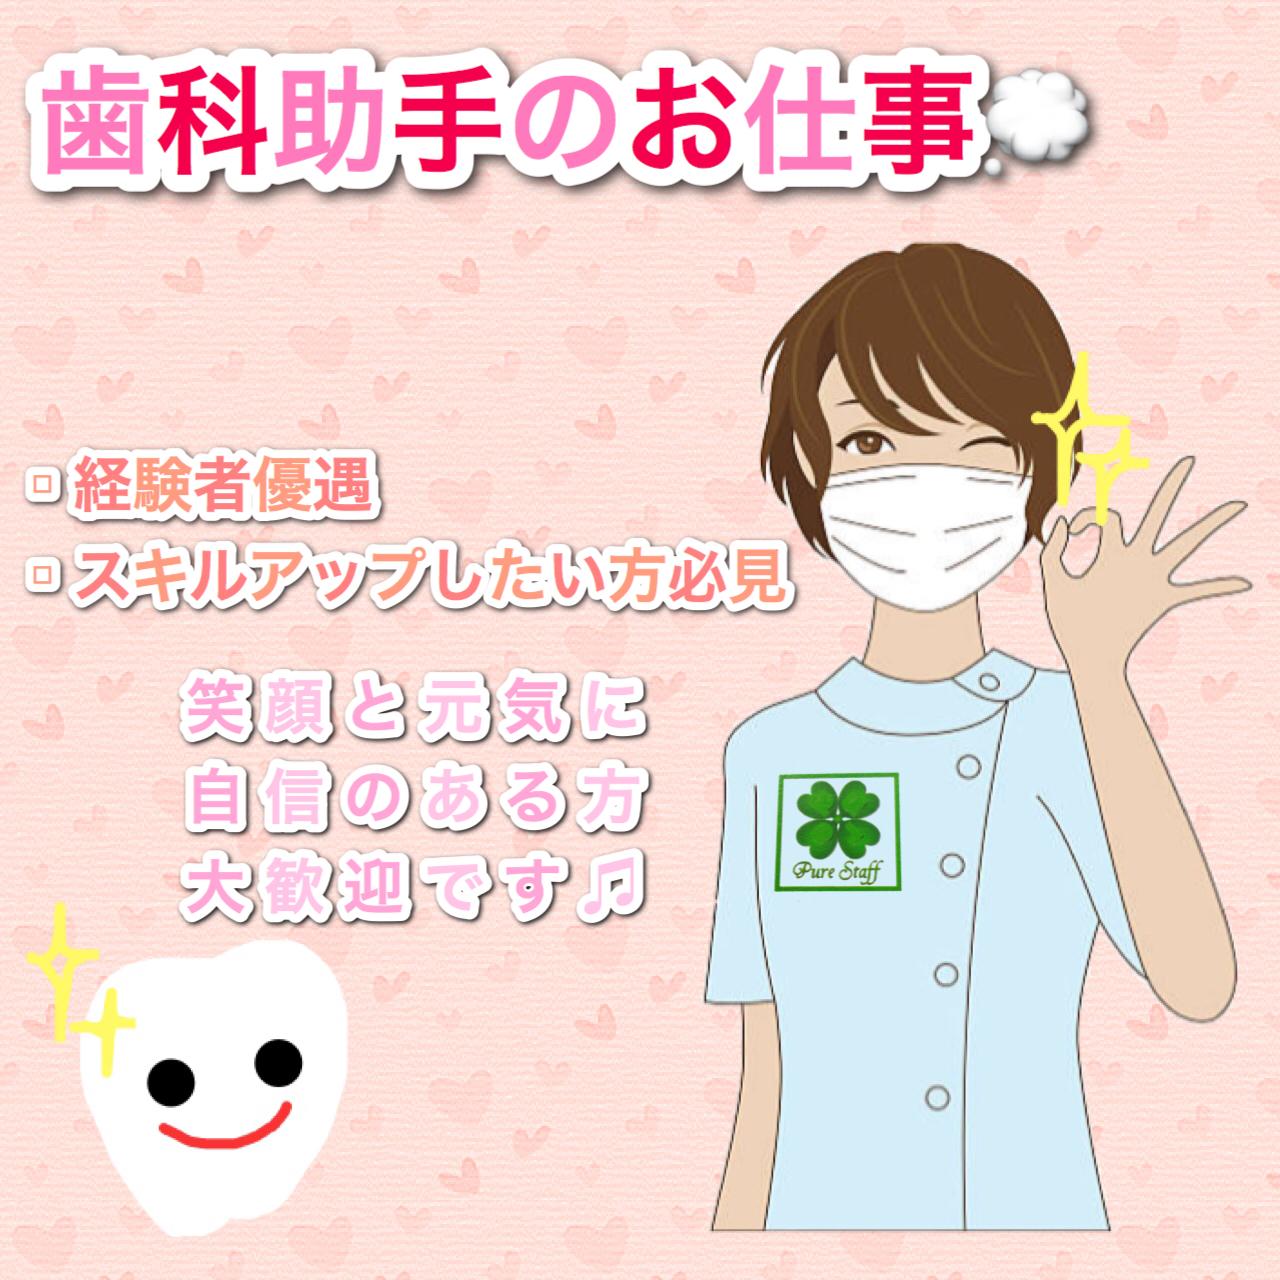 No.5107 歯科助手のお仕事♪経験者優遇!